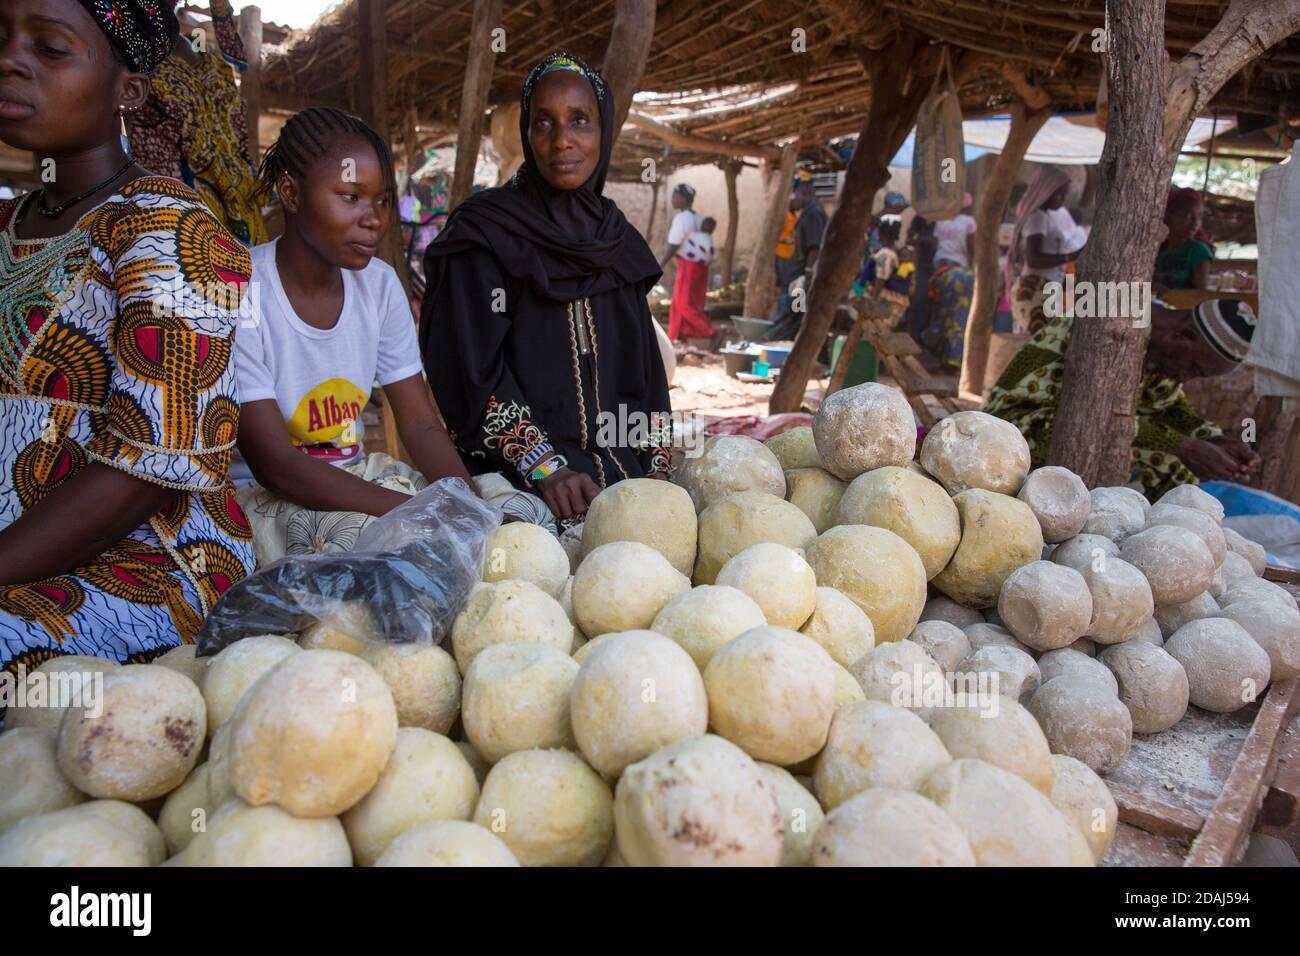 Selingue, Mali, 25 avril 2015; Awa Diallo, qui vend du savon traditionnel. Elle achète des lots de 1,000 savons et vend chacun pour 10 CFA. Elle peut vendre 1,000 savons par jour de marché. Banque D'Images